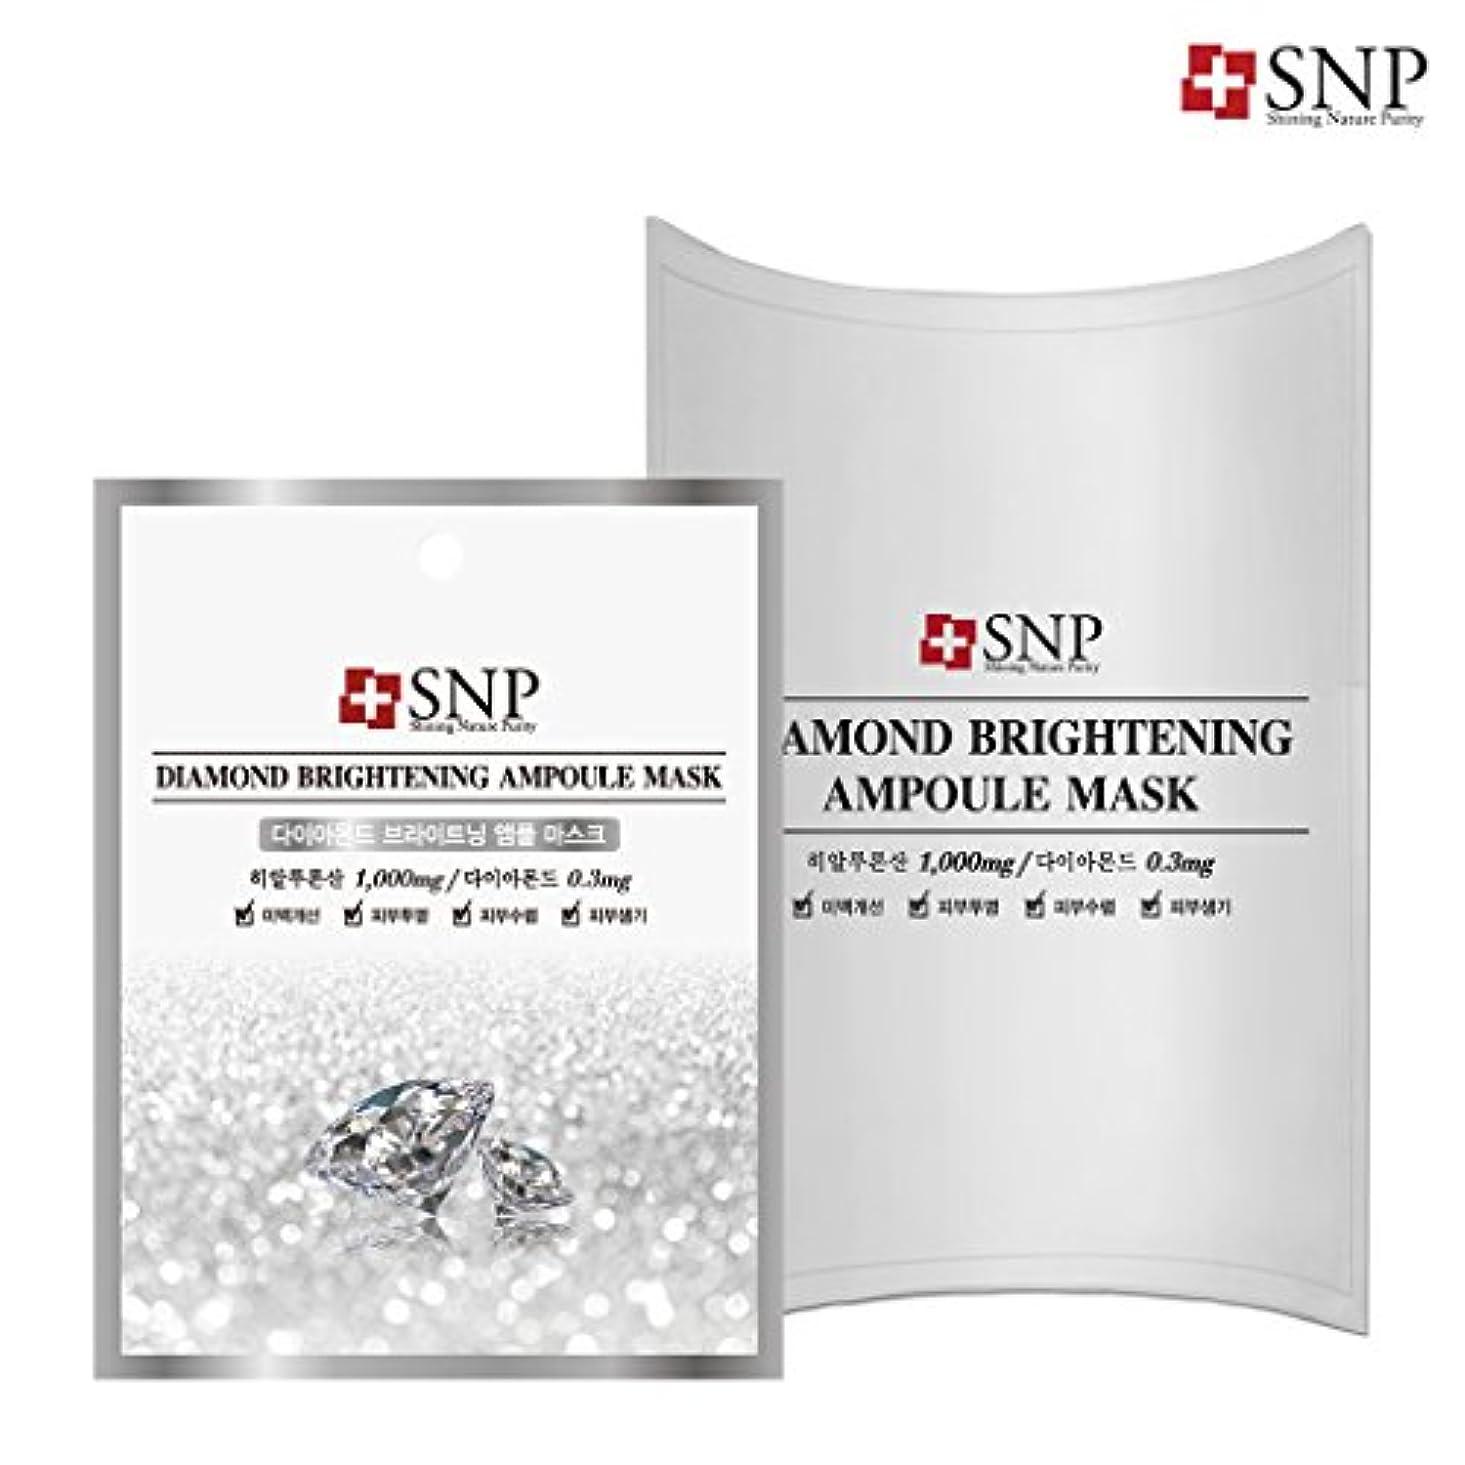 自動化報復する守るSNP ダイアモンド ブライトニング アンプル マスク (10枚) 10枚/DIAMOND BRIGHTENING AMPOULE MASK 10EA[海外直送品]